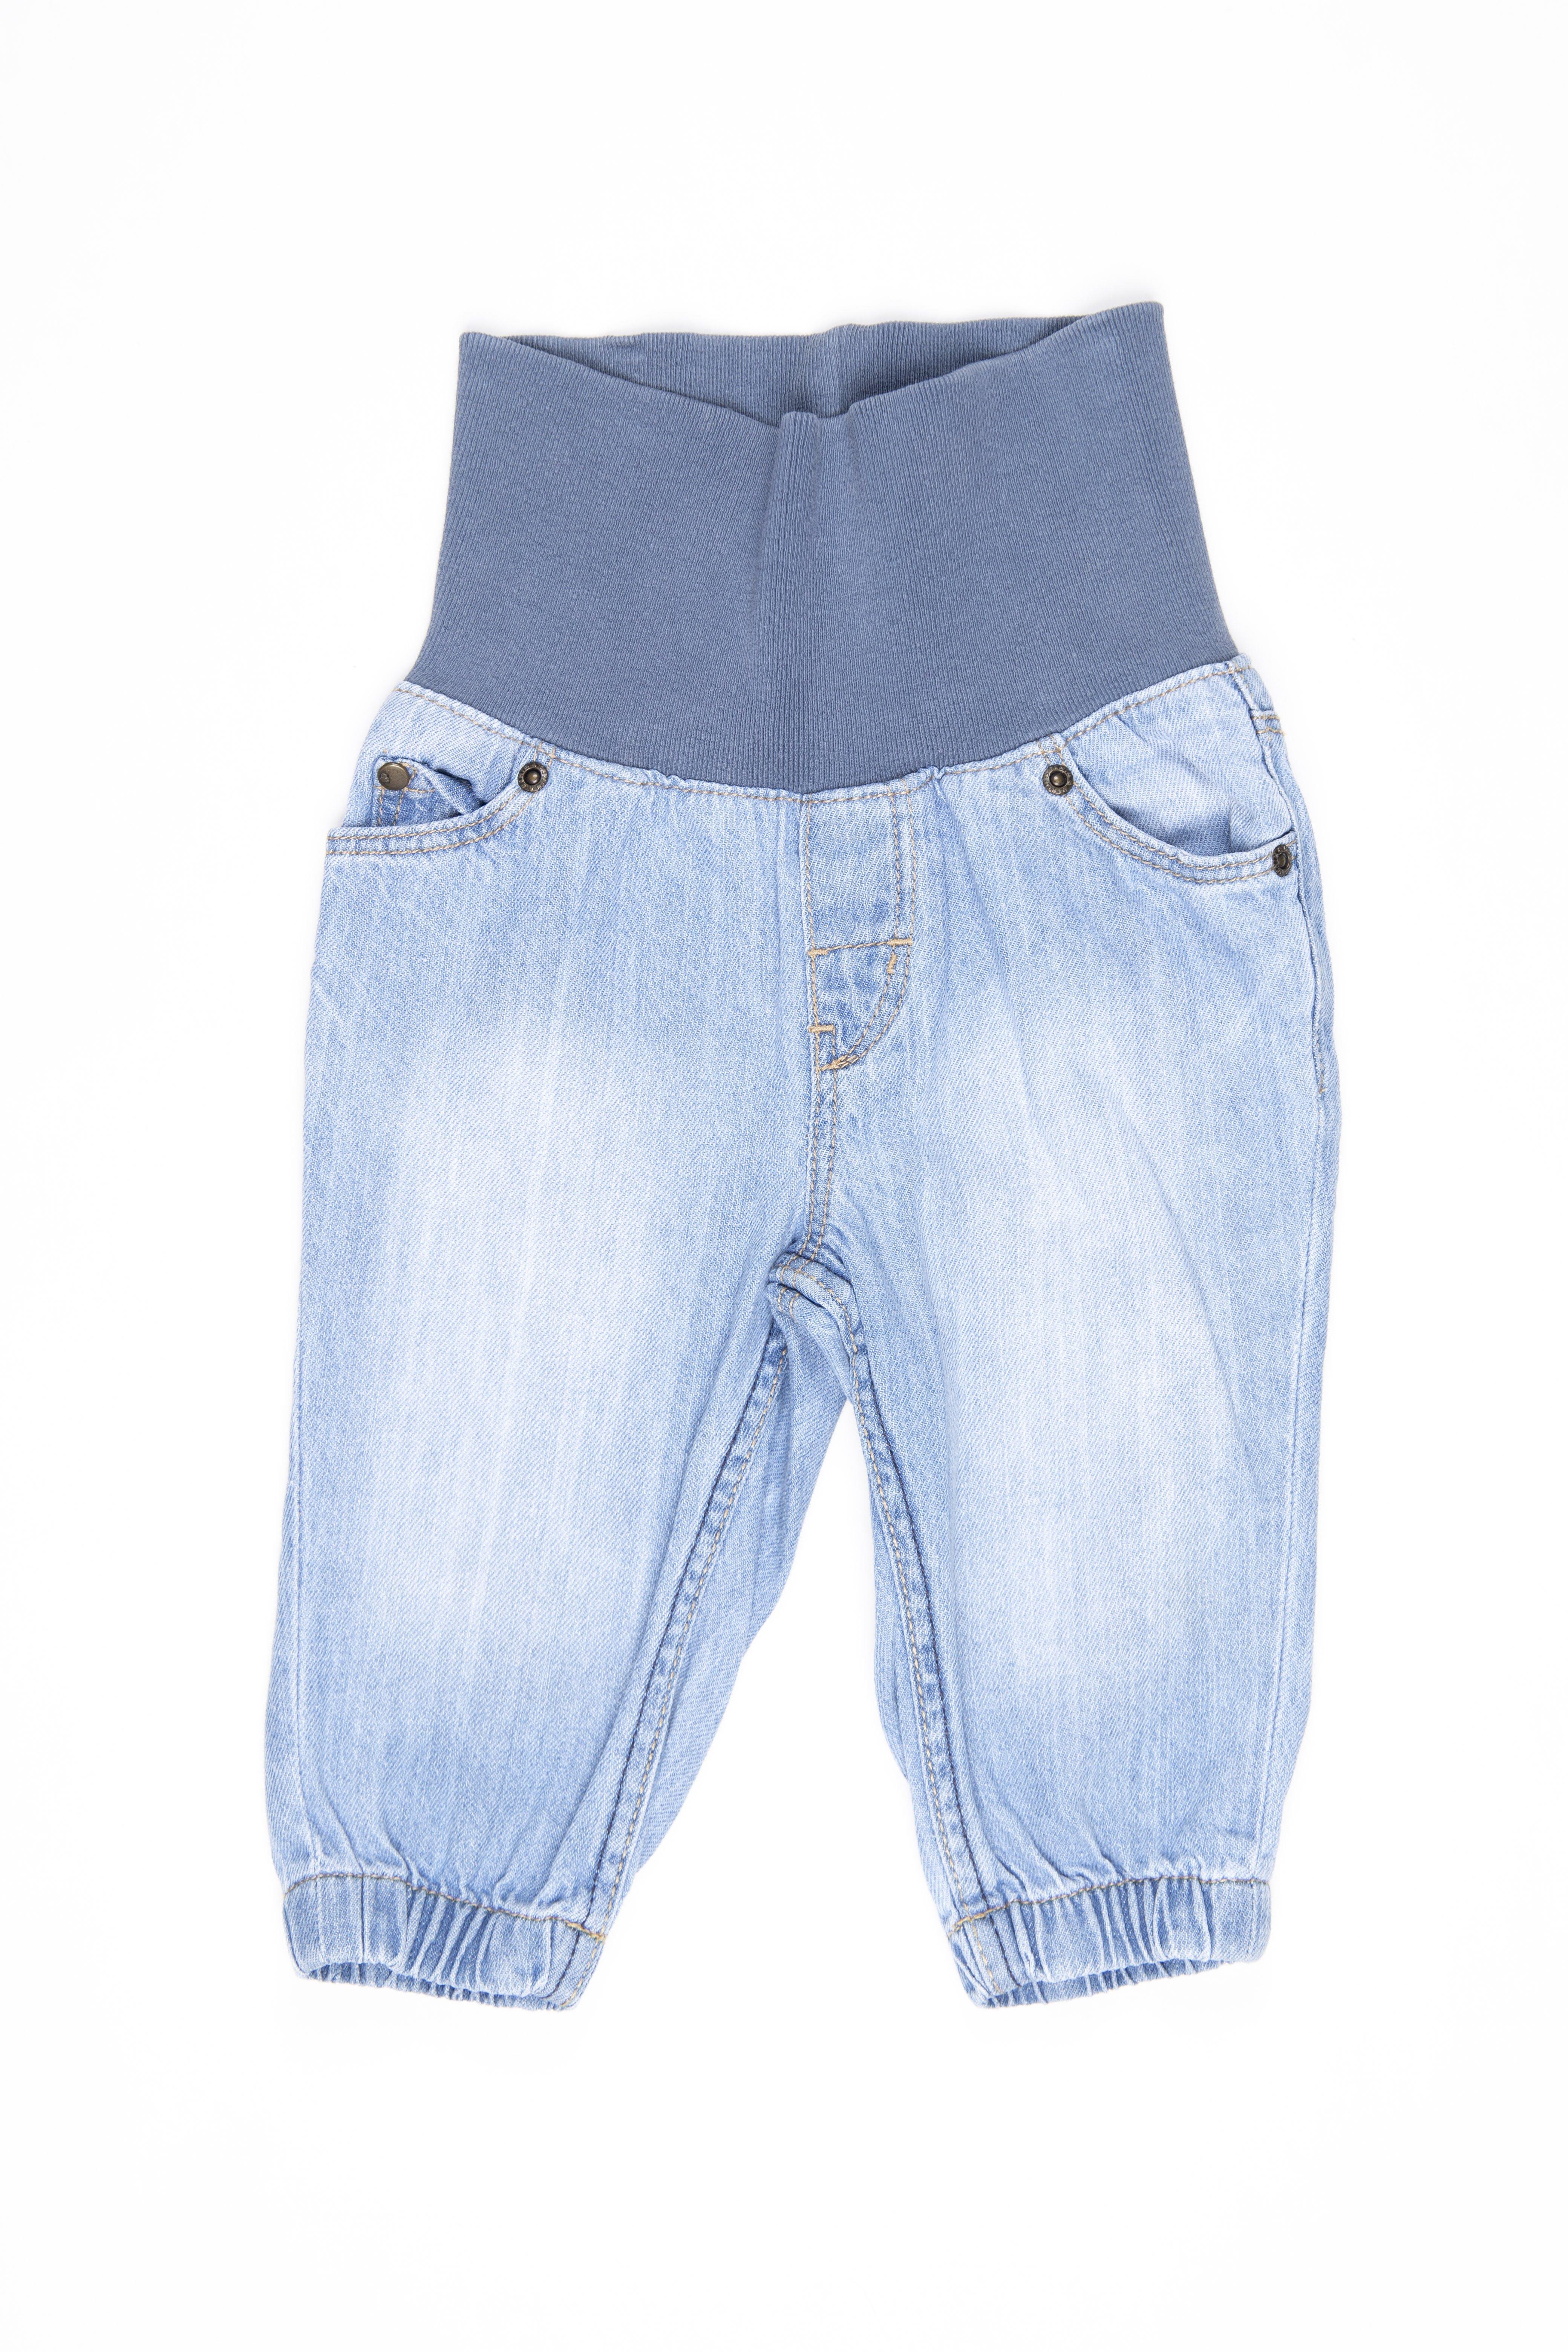 Jean con cintura rib ancha y elástico en tobillos 100% algodón - H & M